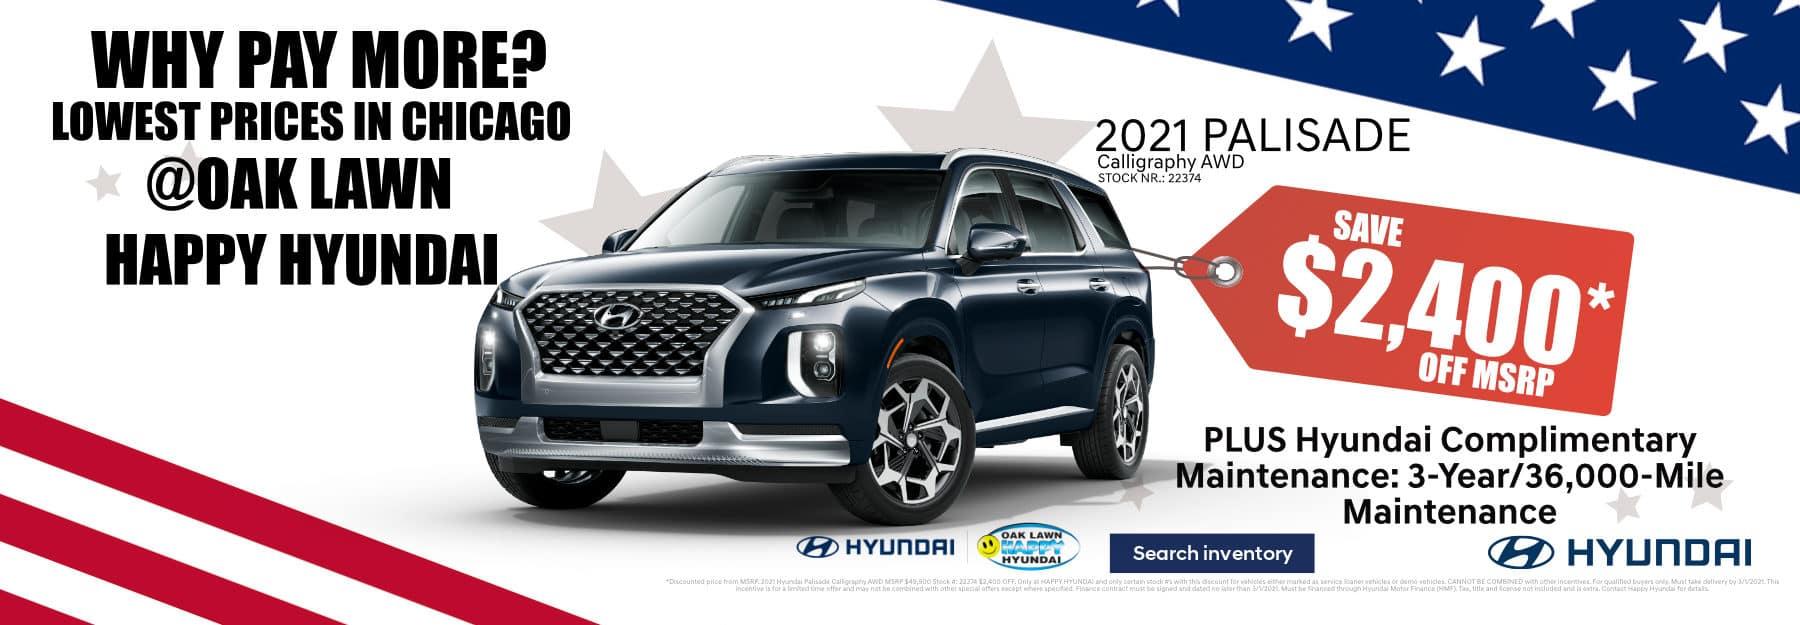 R_Februaray_2021_Happy_Hyundai_Palisade_Single